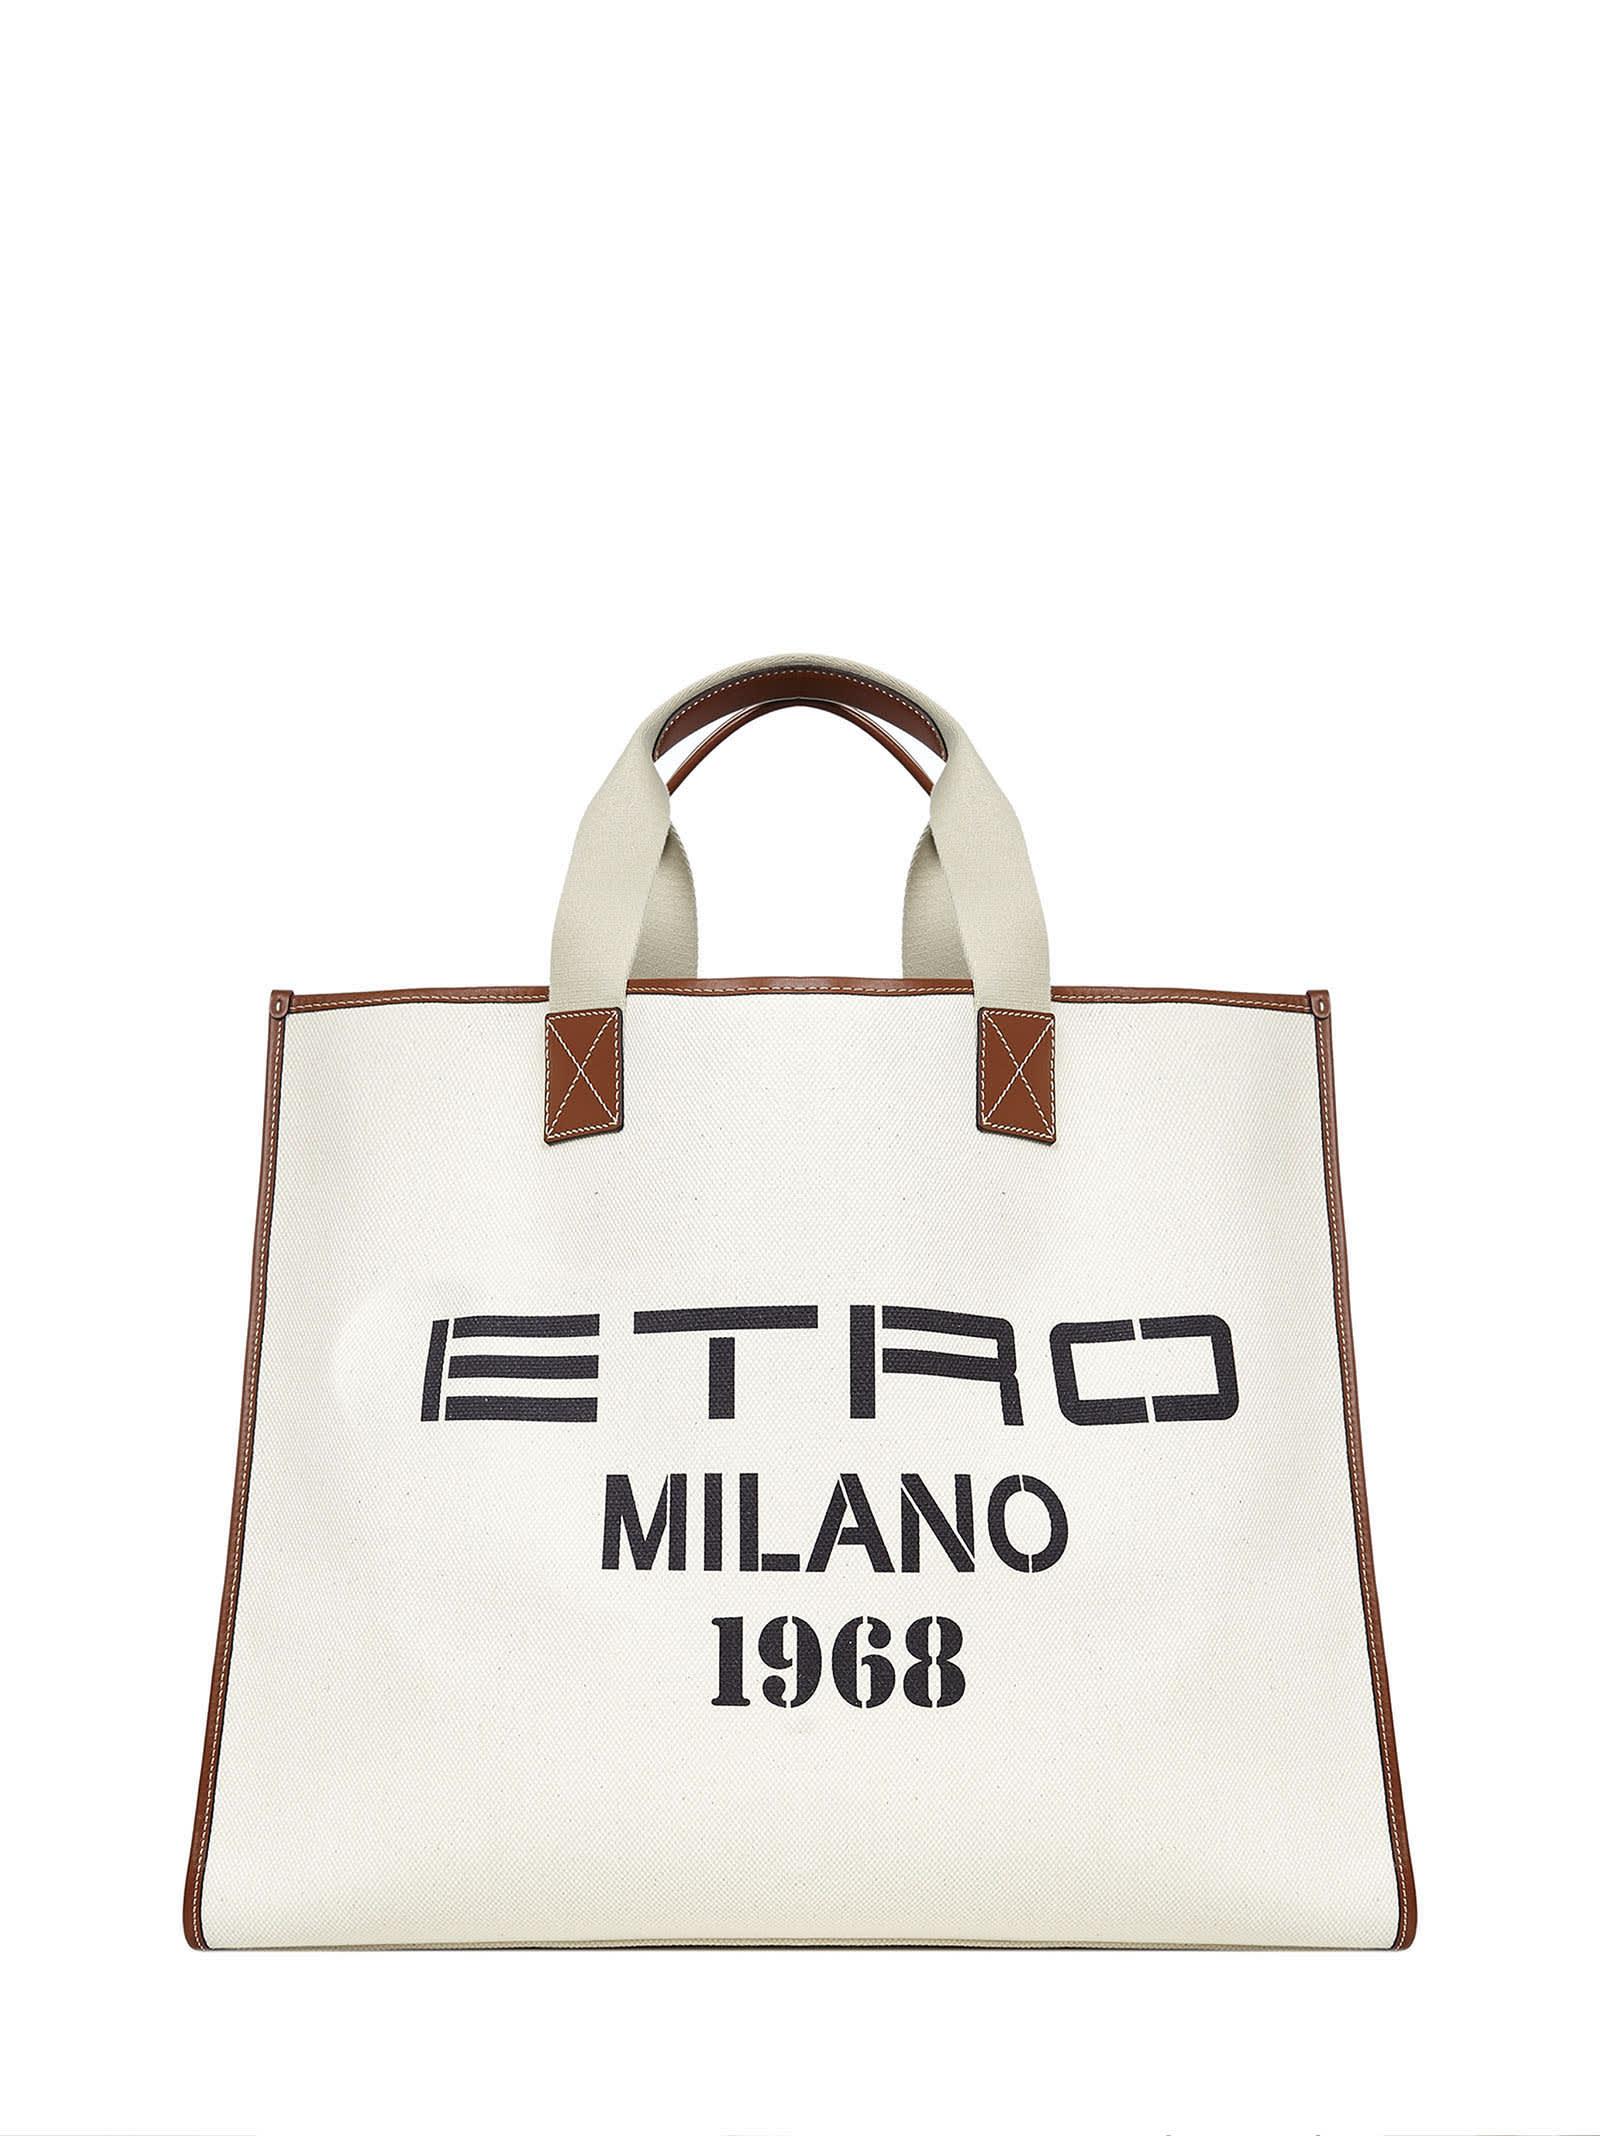 Etro Totes MILANO 1968 TOTE BAG